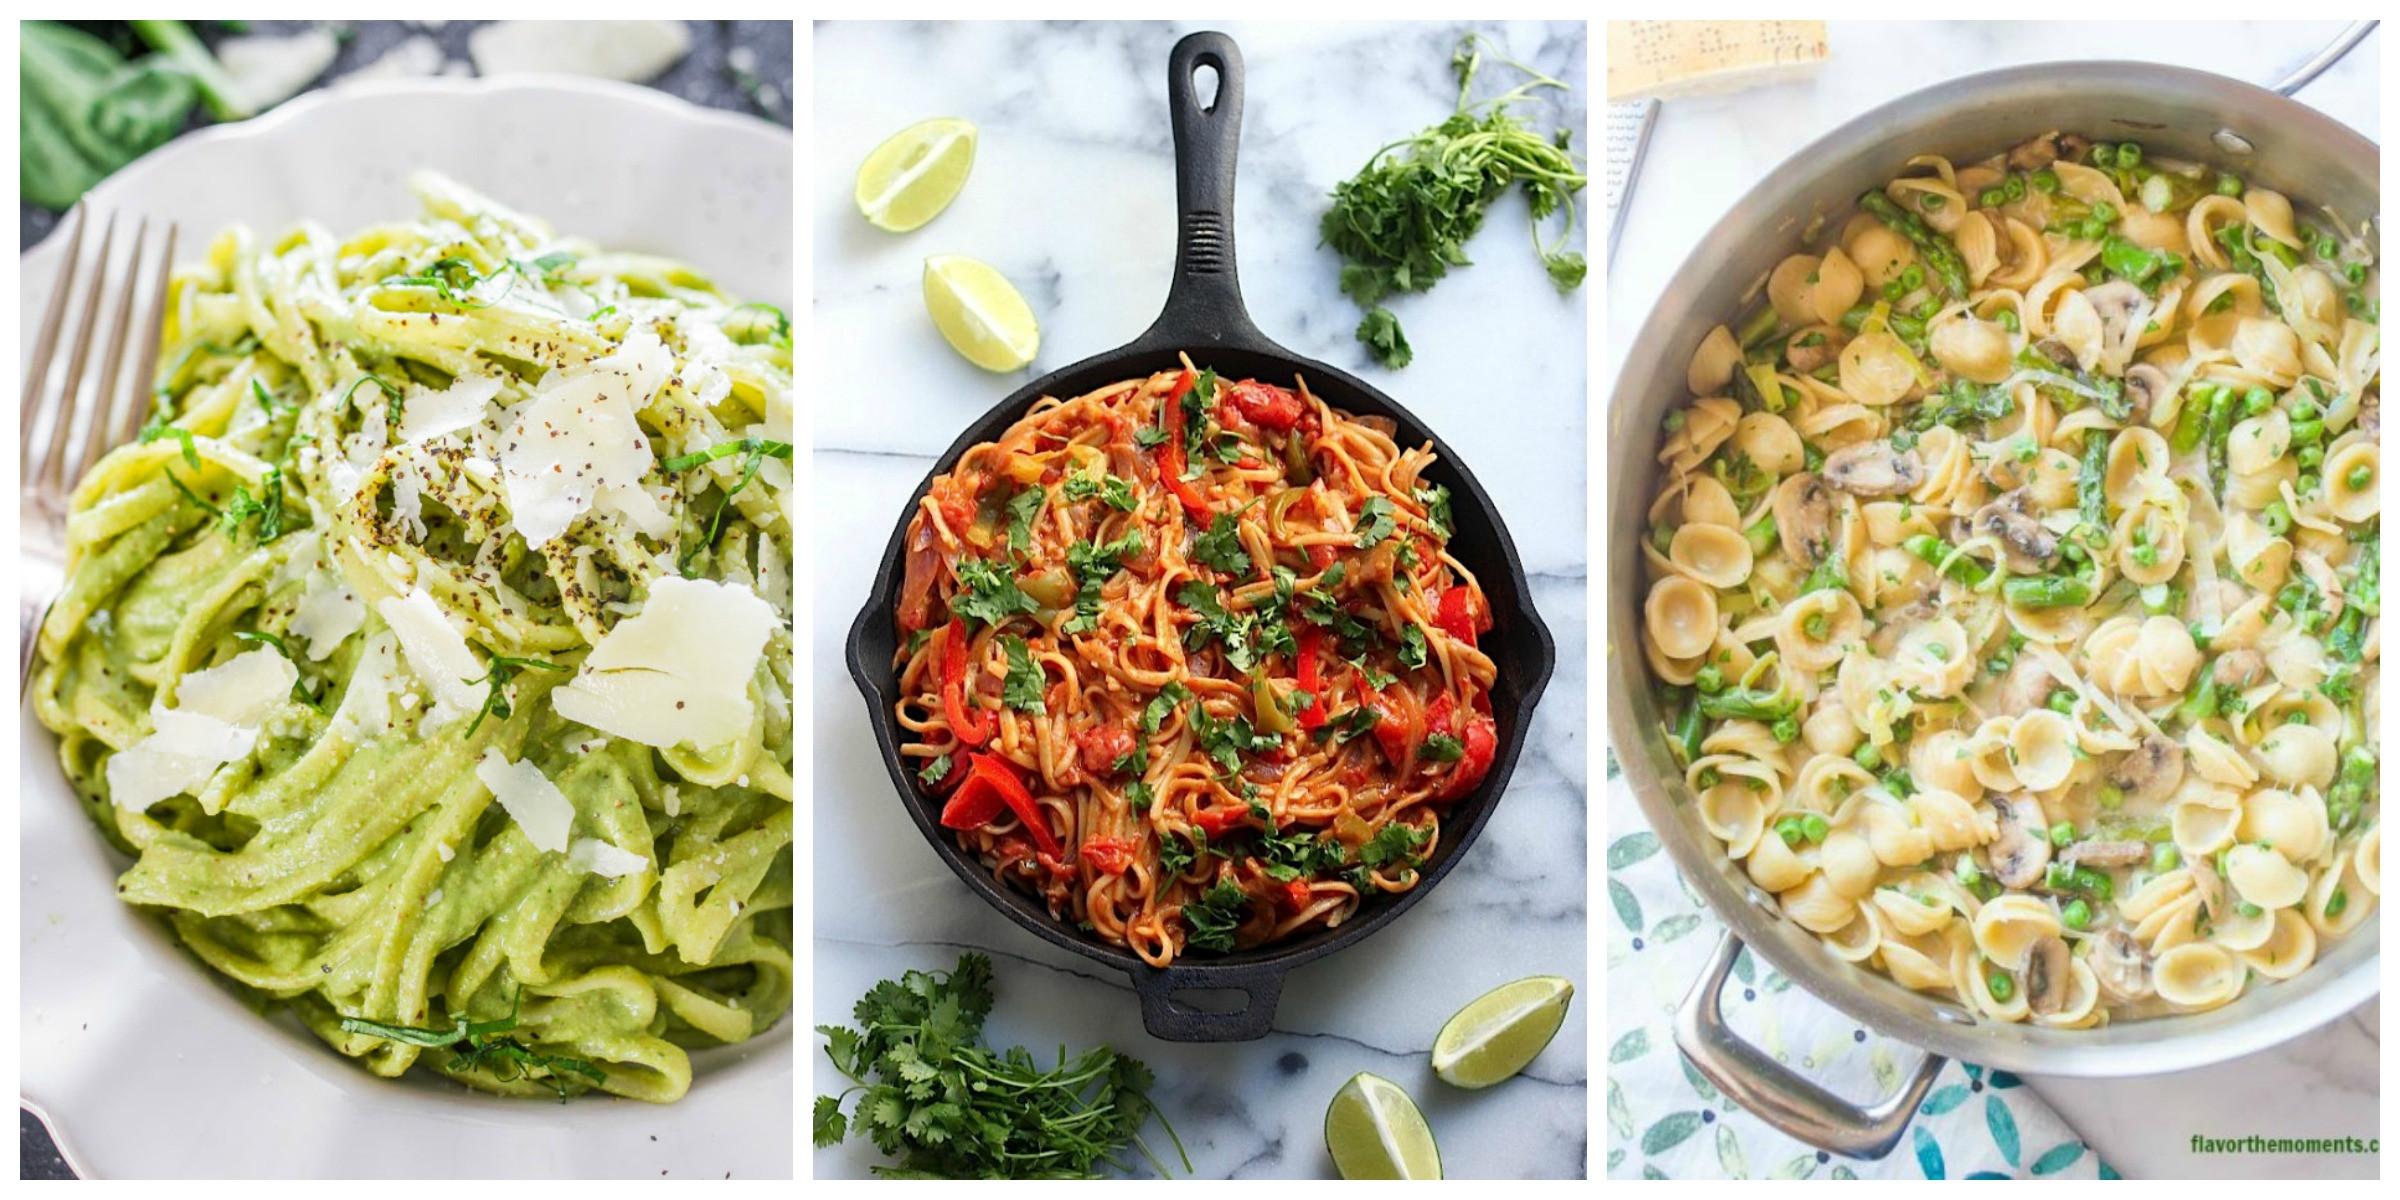 Light Healthy Dinners  25 Healthy Pasta Recipes Light Pasta Dinner Ideas